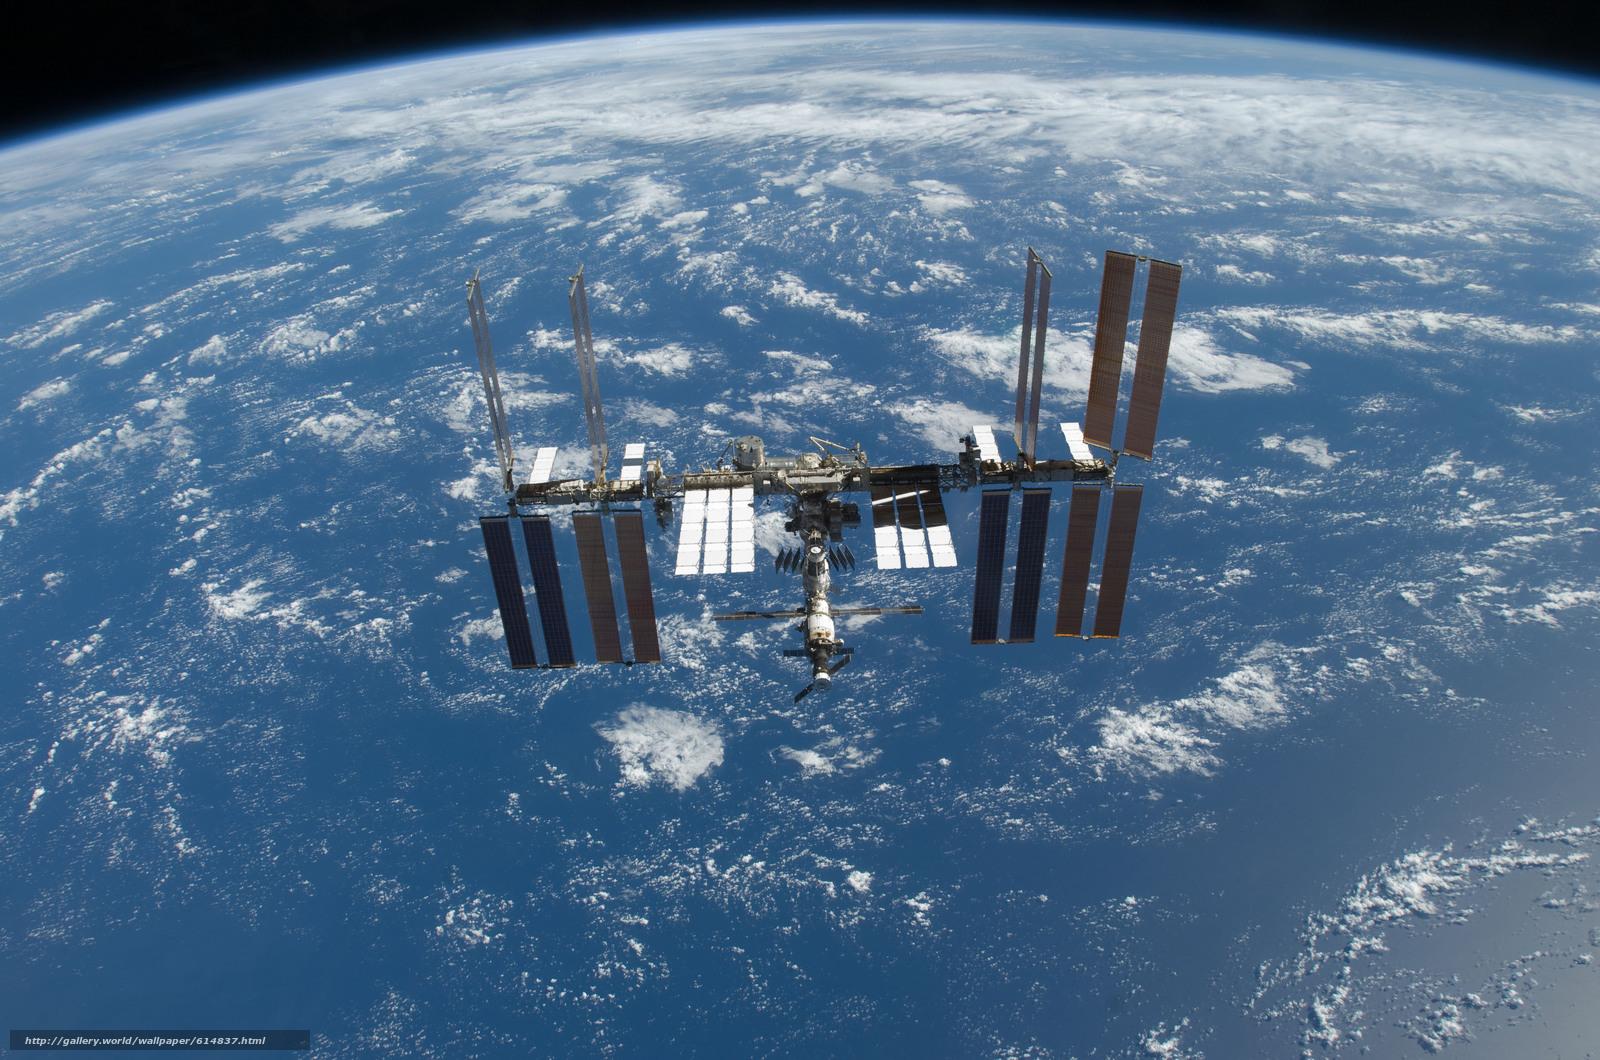 Скачать на телефон обои фото картинку на тему МКС, Земля, космос, наука, техника, орбитальная, станция, океан, облока, горизонт, полёт, разширение 4288x2840